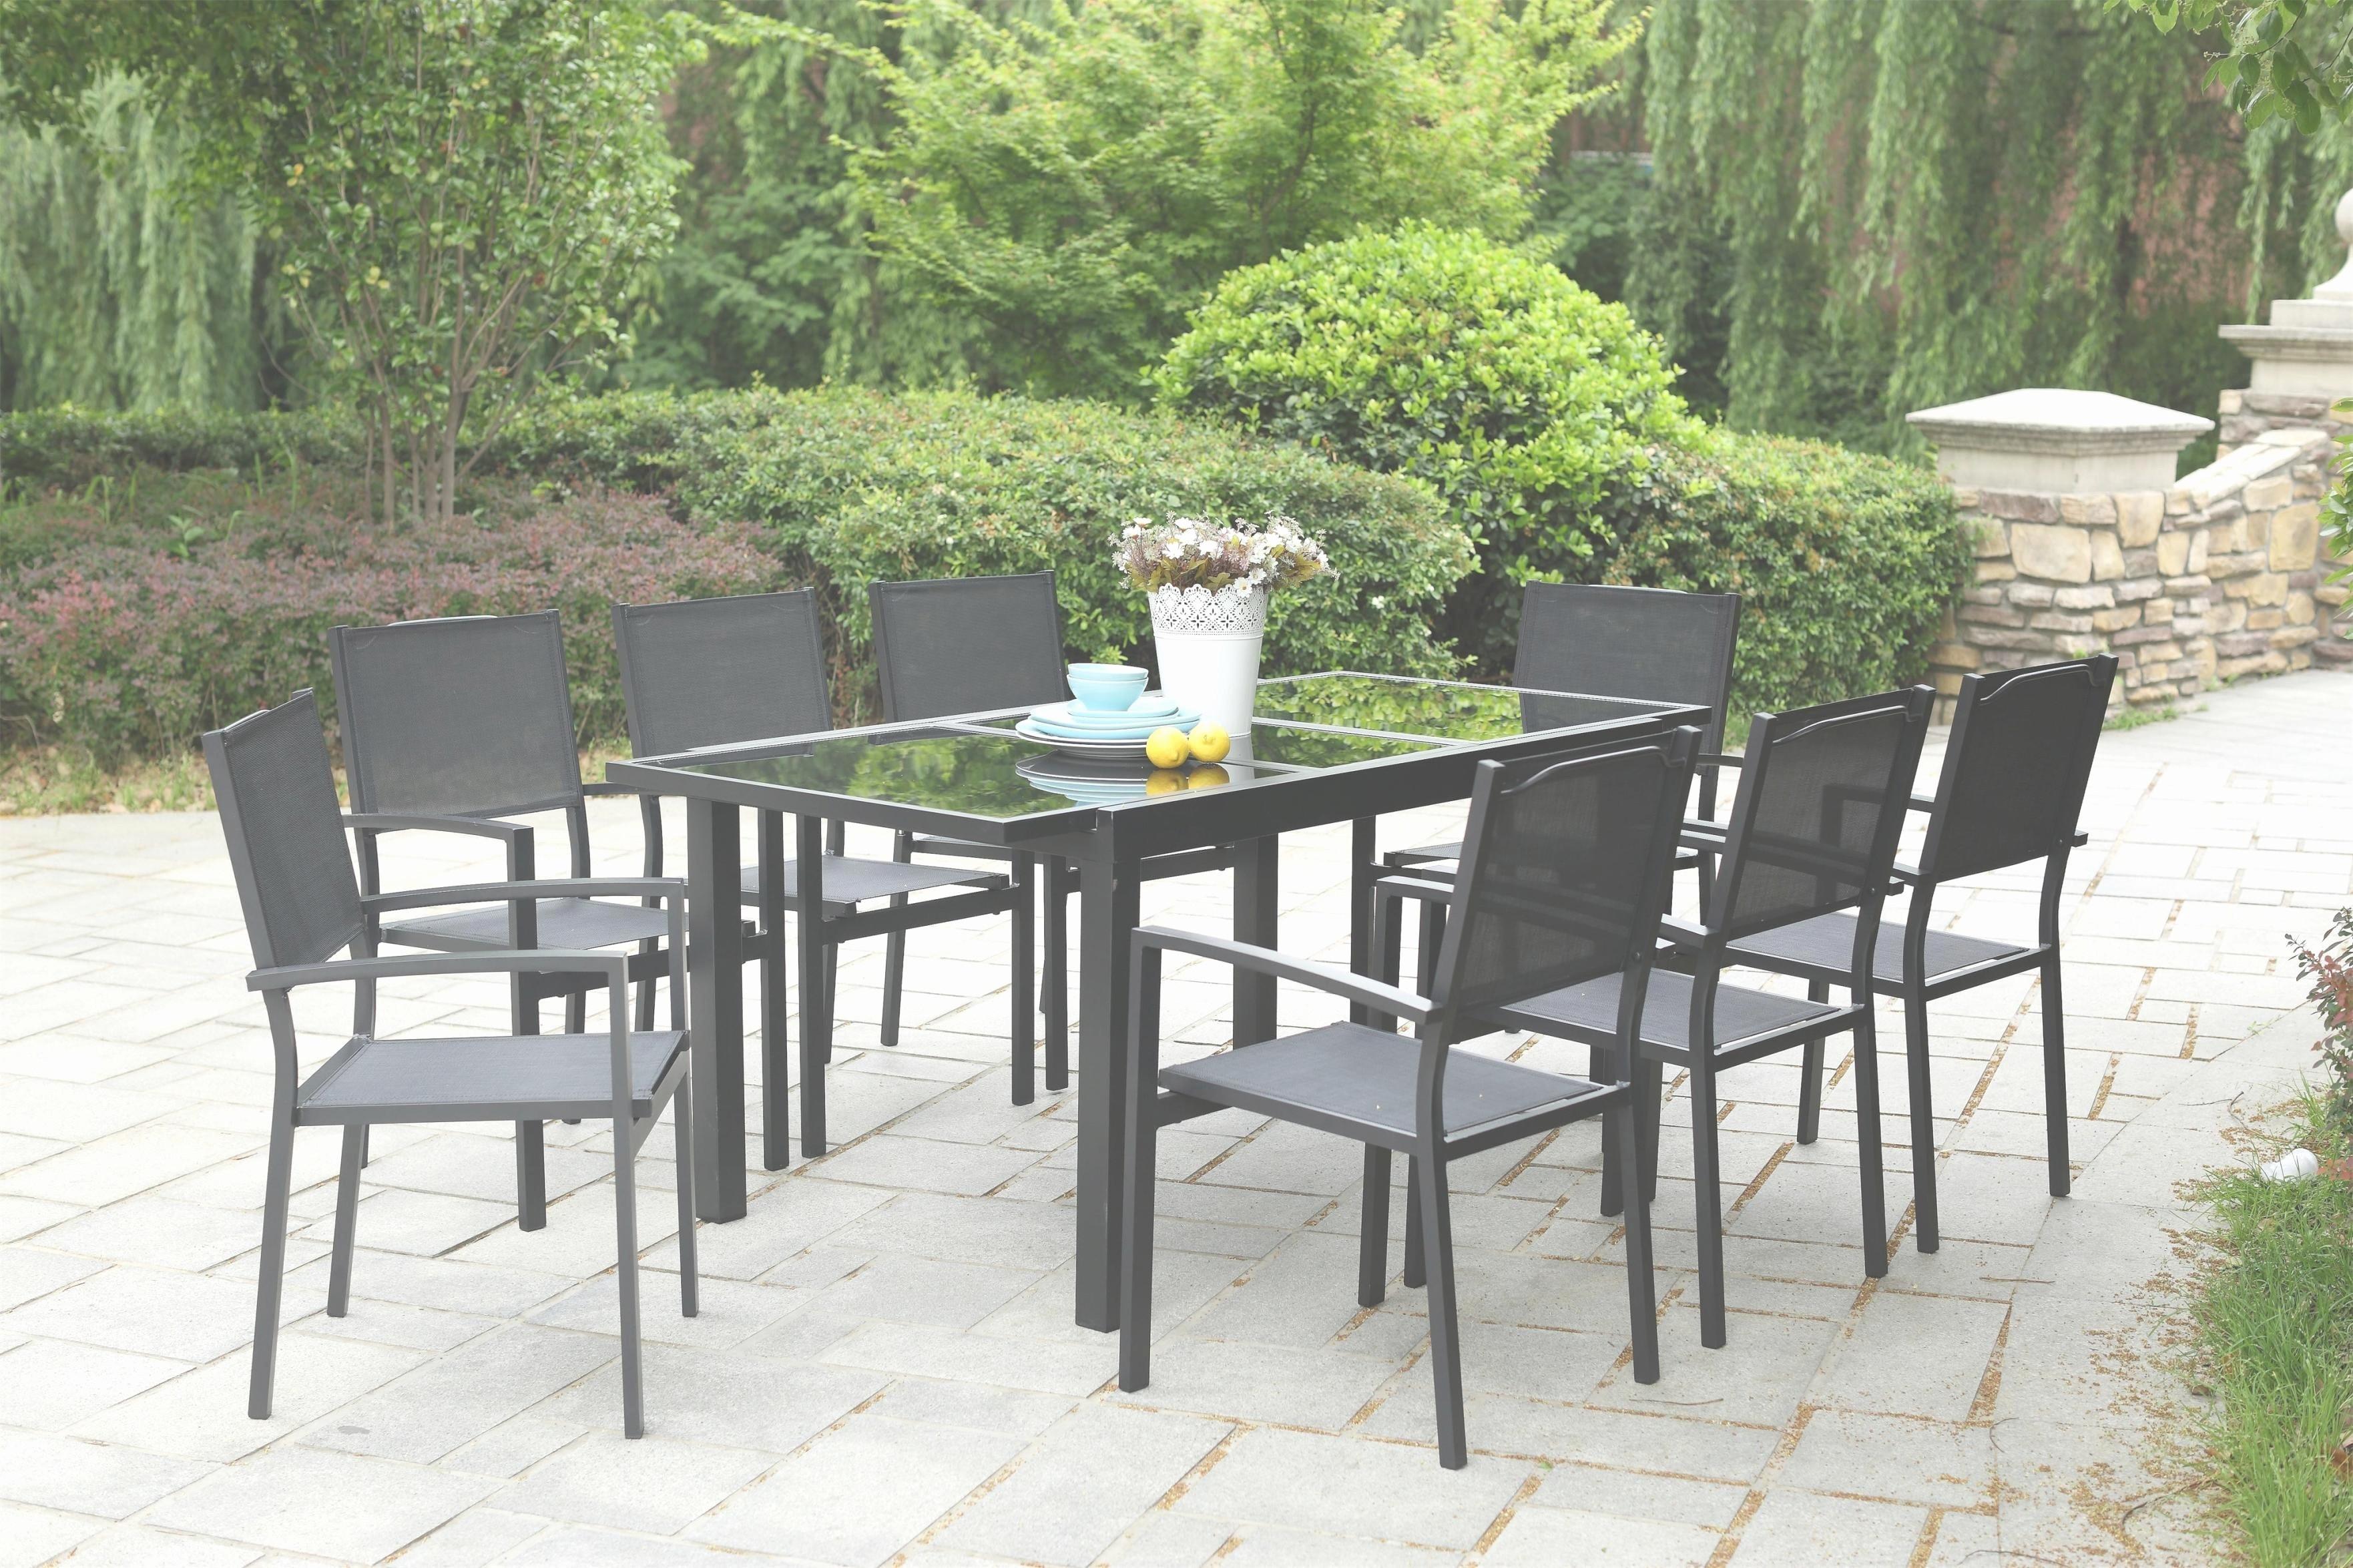 Mobilier Jardin Castorama Beau Photos Meuble De Jardin Castorama Plus Confortable Salons De Jardin